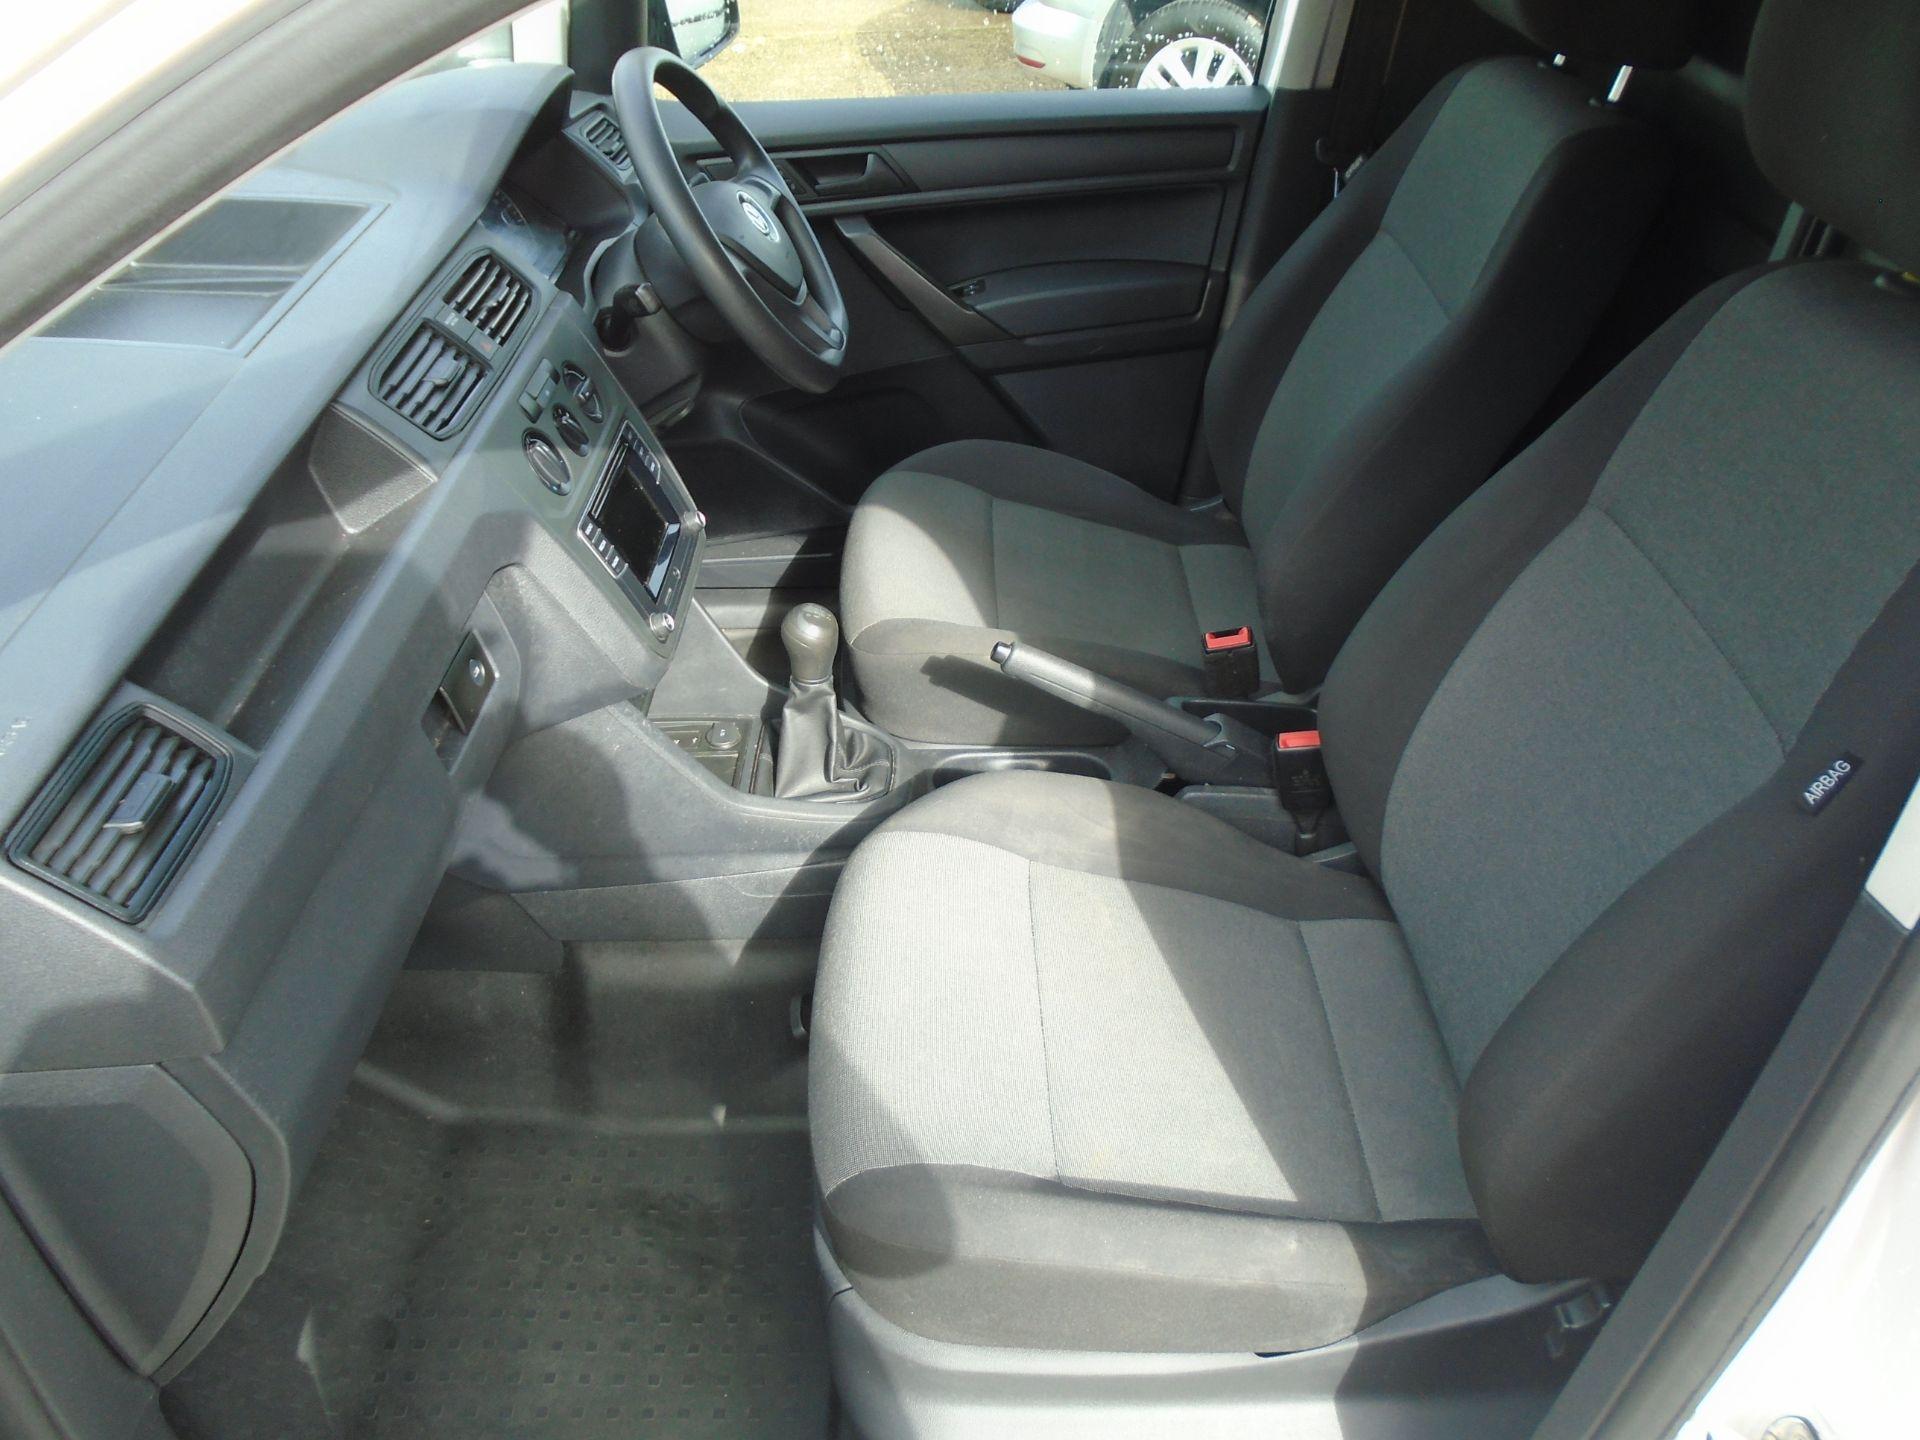 2017 Volkswagen Caddy 2.0 Tdi Bluemotion Tech 102Ps Startline Van (GJ17NZR) Image 13